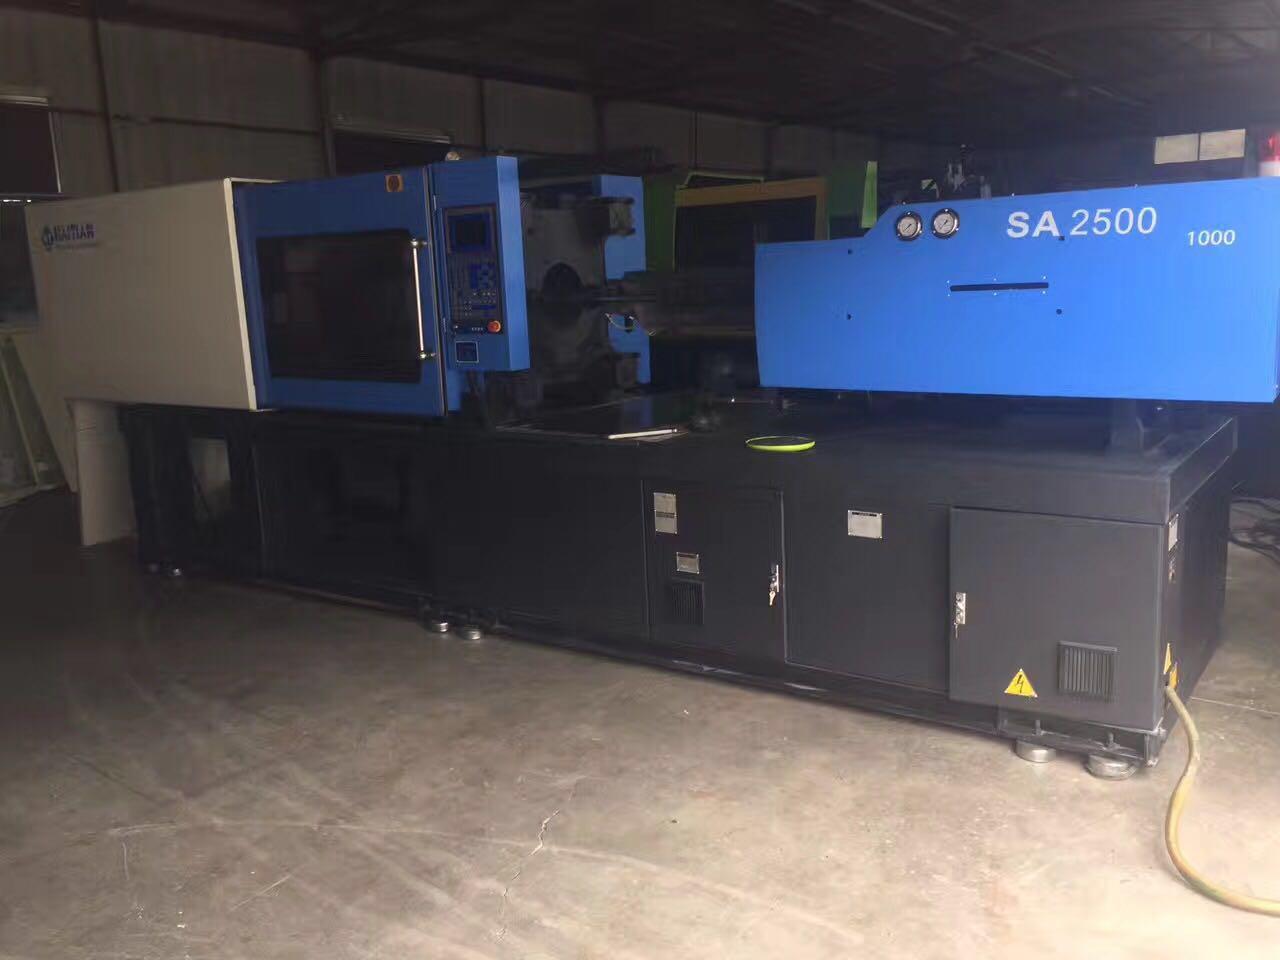 出售二手注塑机海天SA250T原装电脑变量泵多台